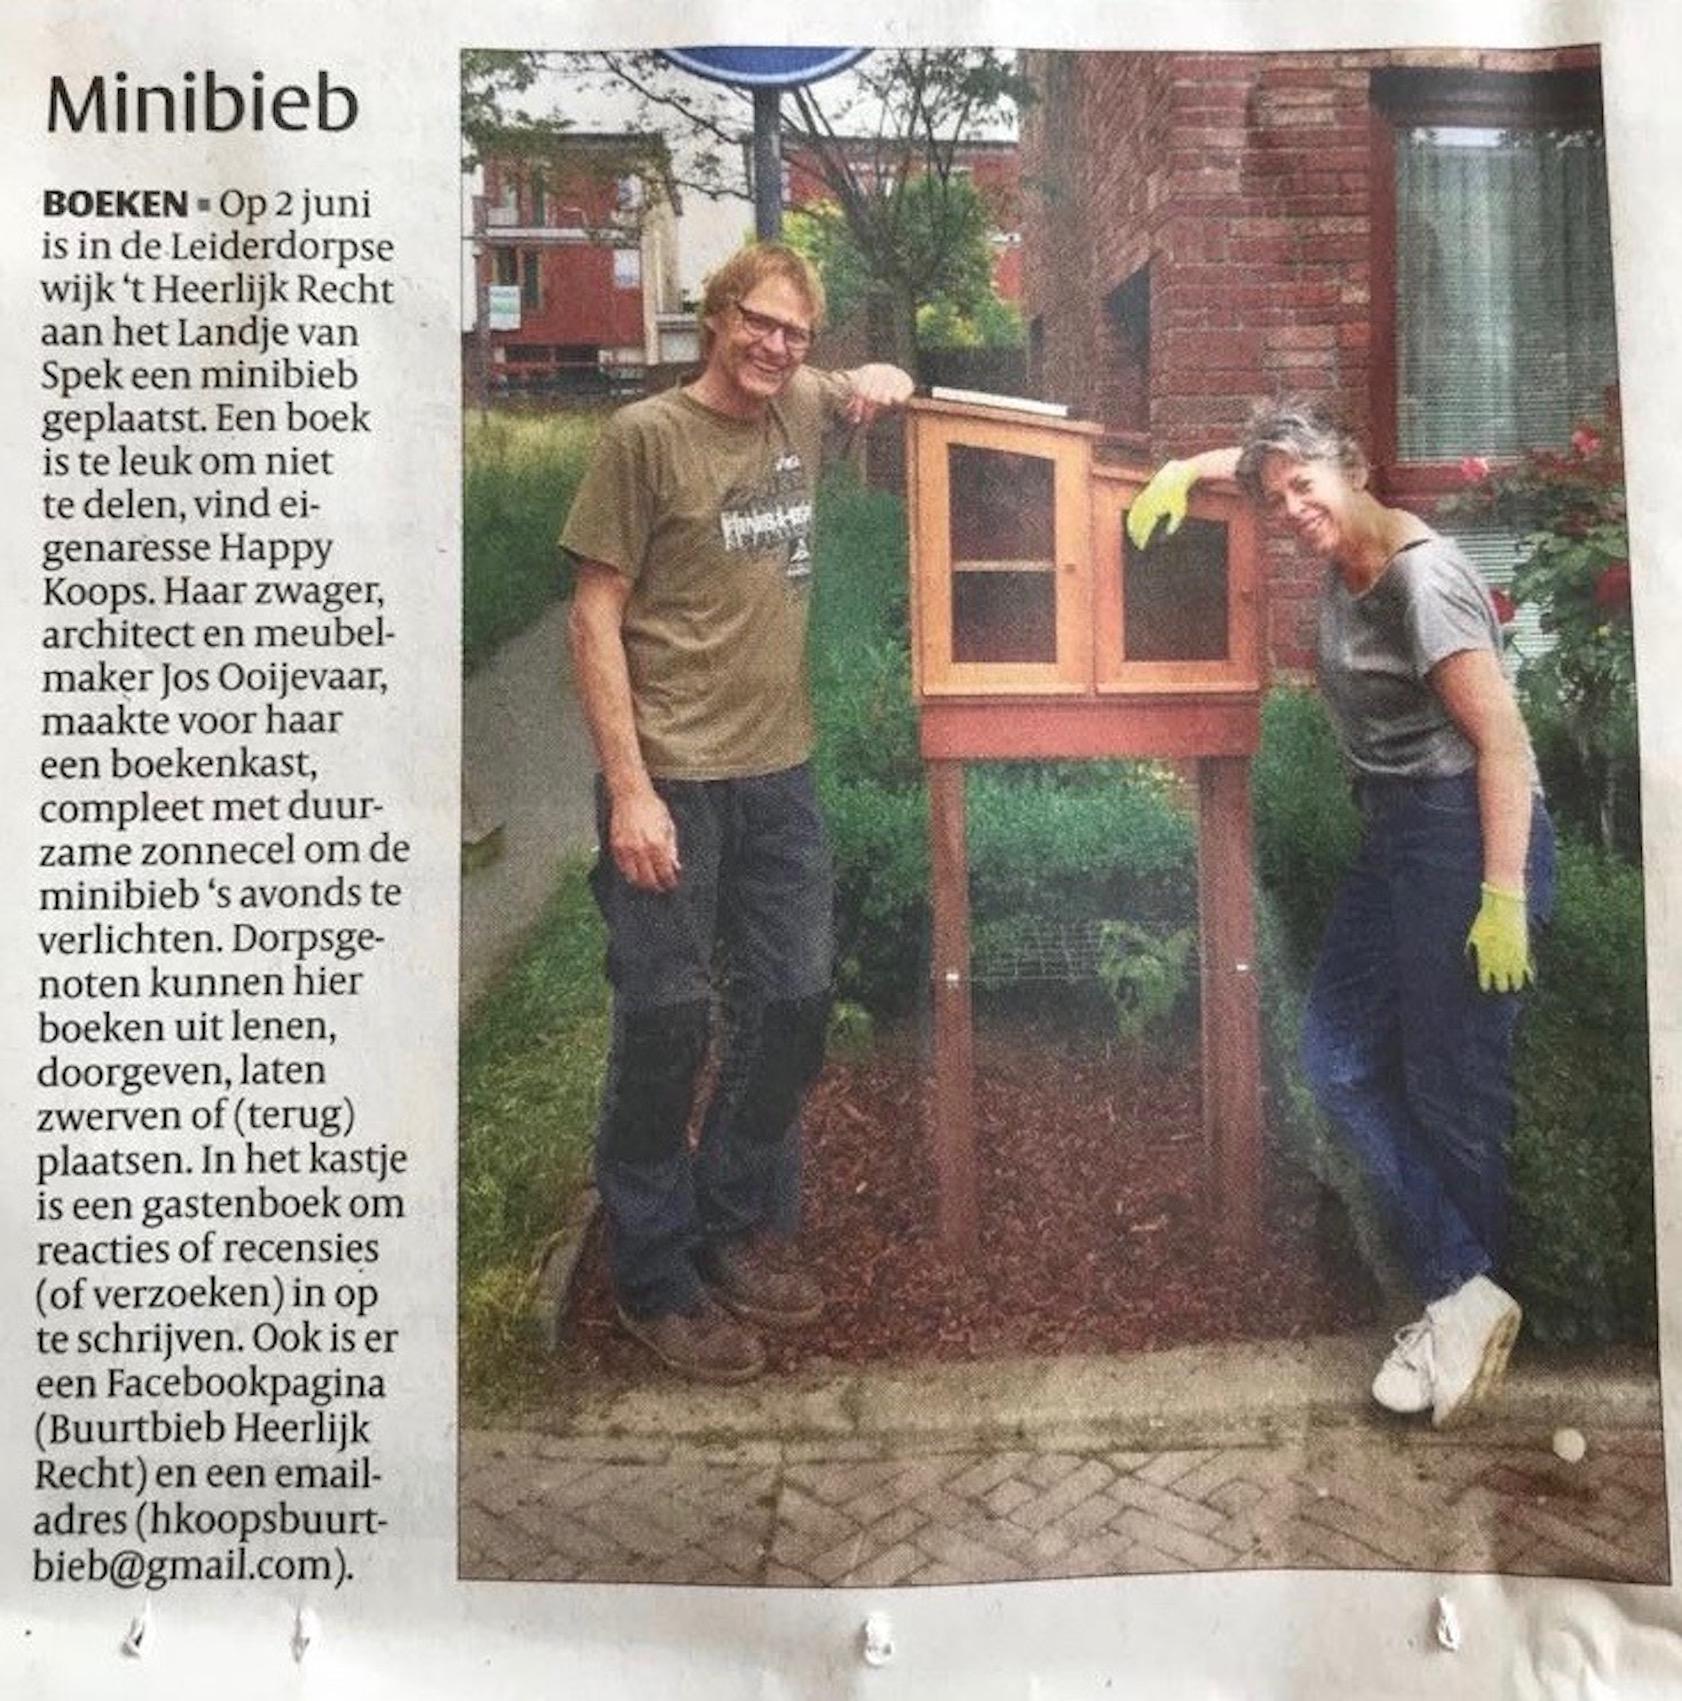 krant minibieb